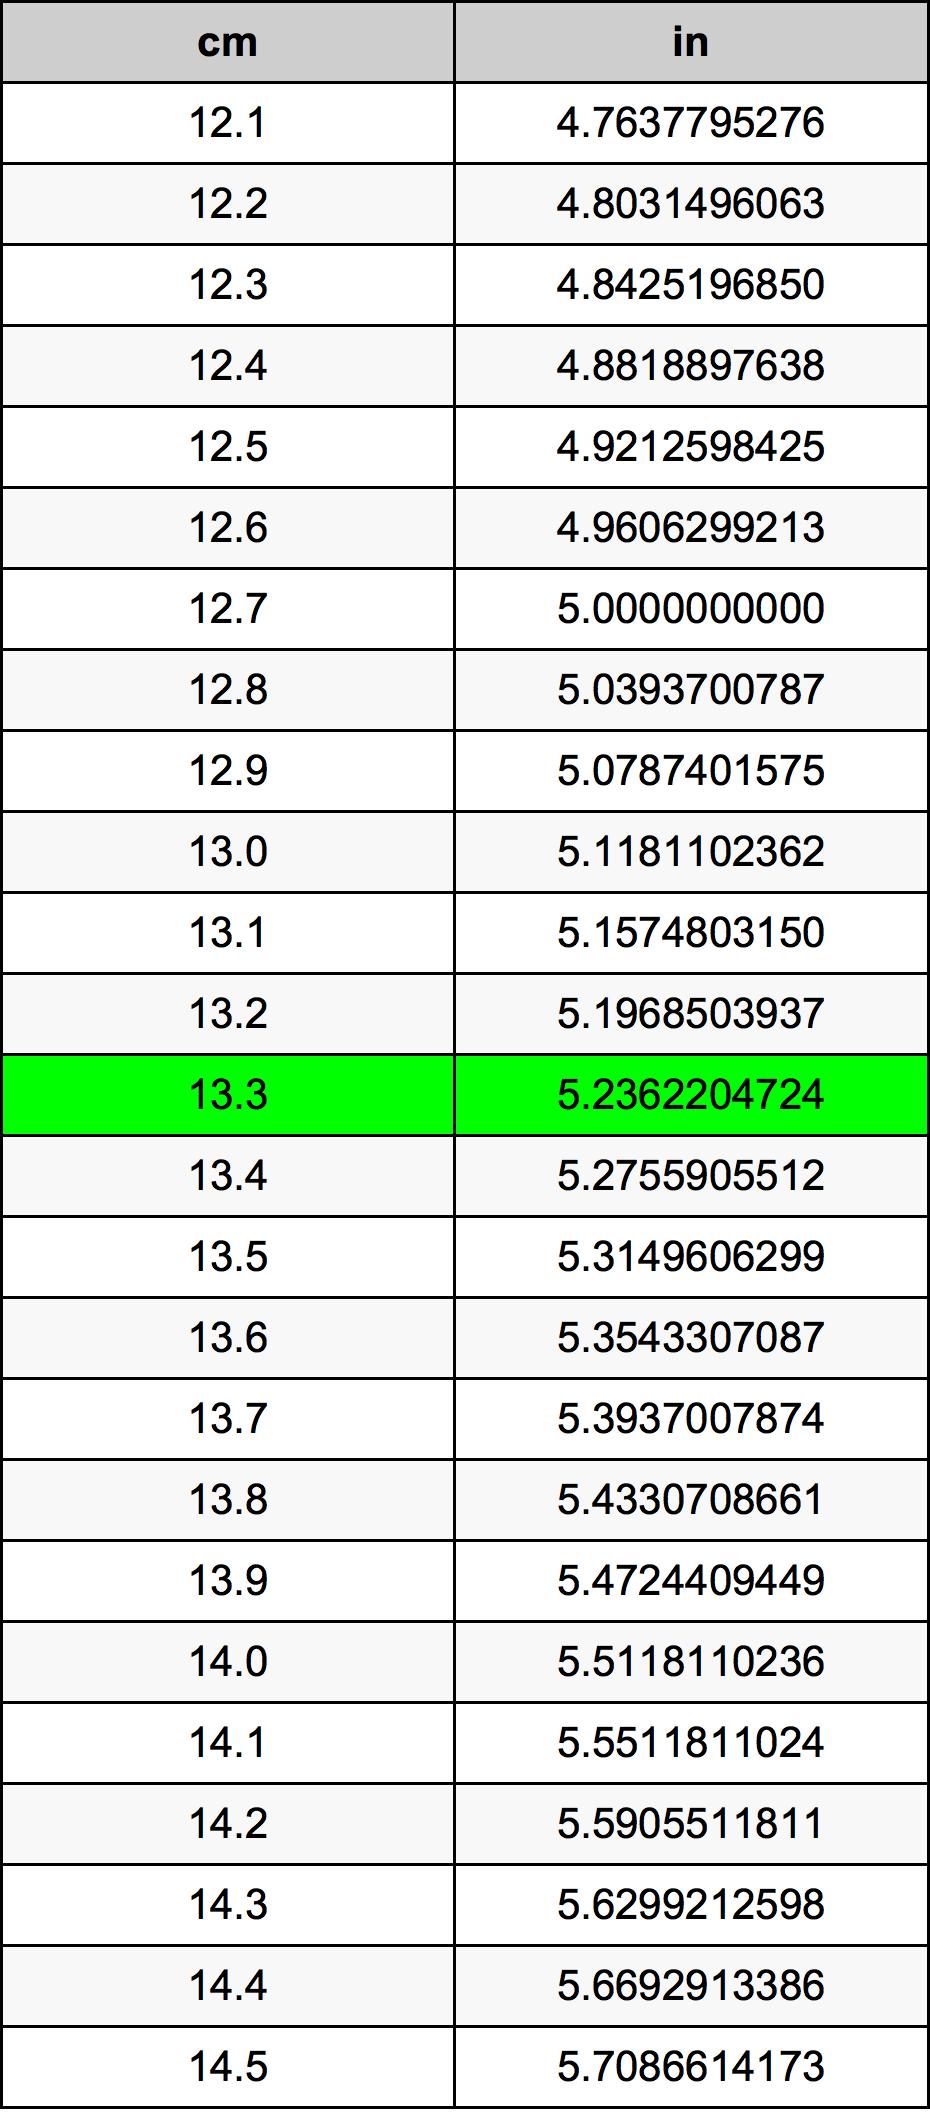 13.3 εκατοστόμετρο Πίνακας Μετατροπής